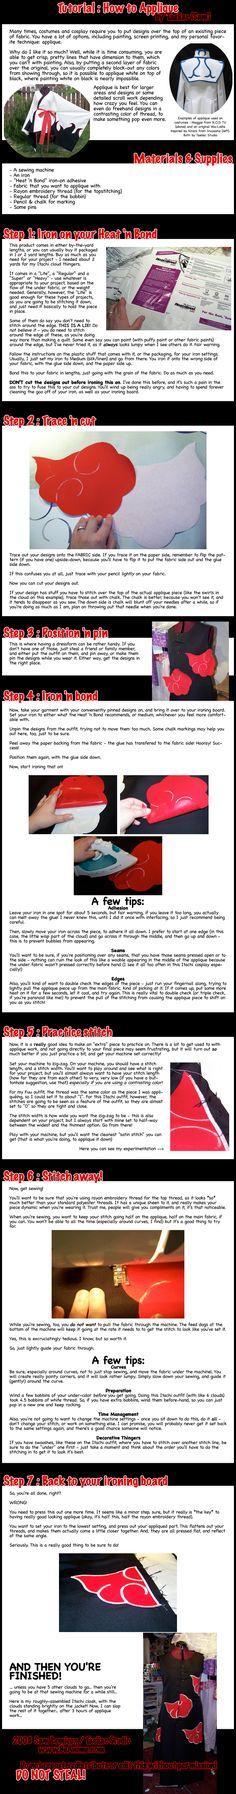 Tutorial: How to Applique by taeliac.deviantart.com on @DeviantArt